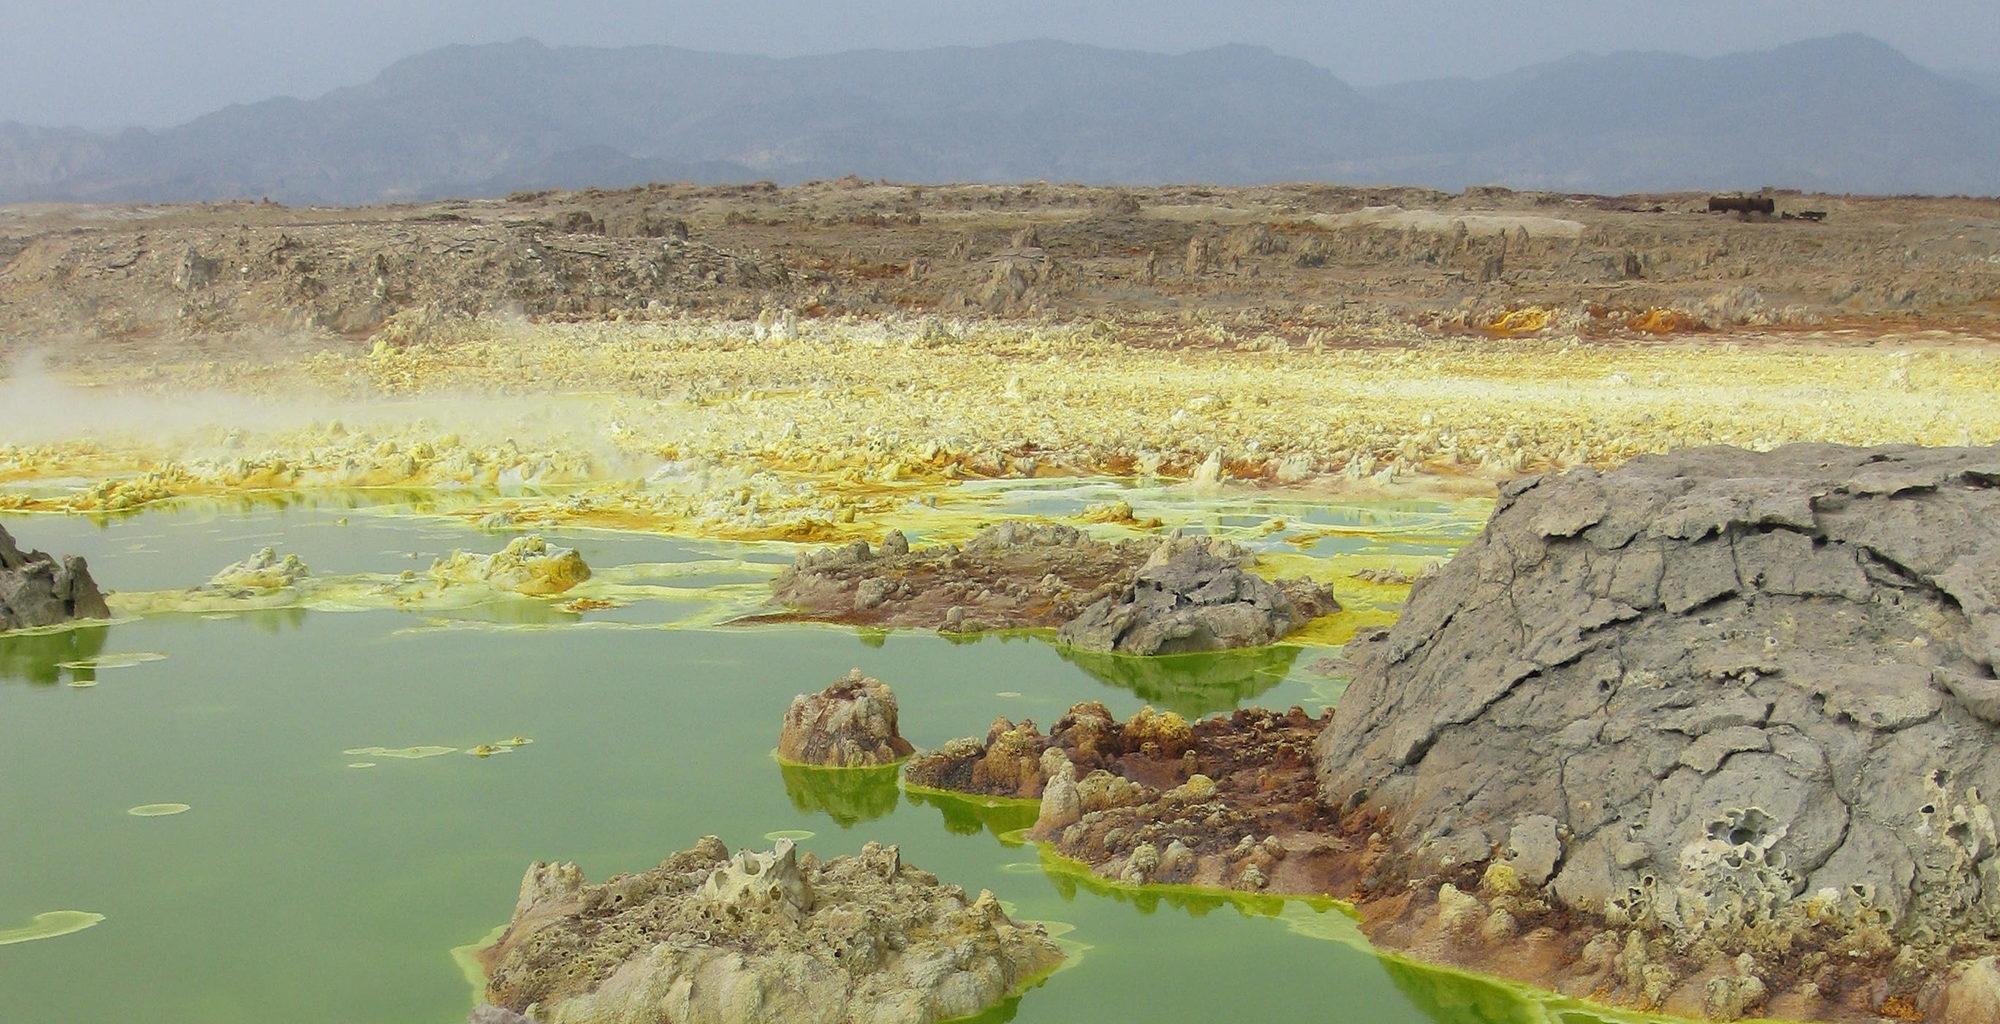 Ethiopia-Danakil-Depression-Sulphur